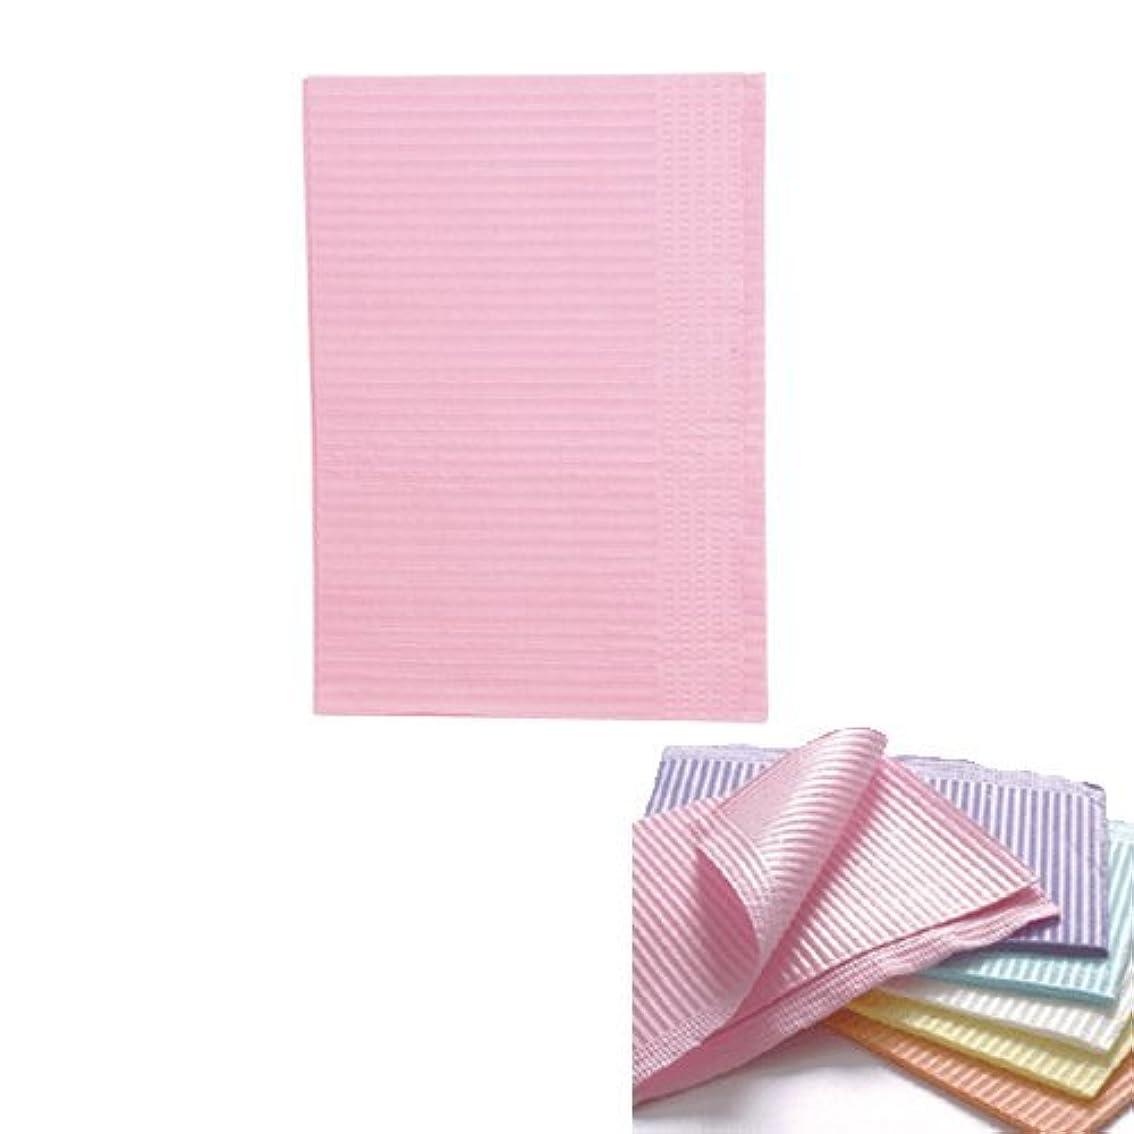 感じる思い出させるテクトニックネイル 防水ペーパー/裏面防水ネイルシート 50枚 ピンク